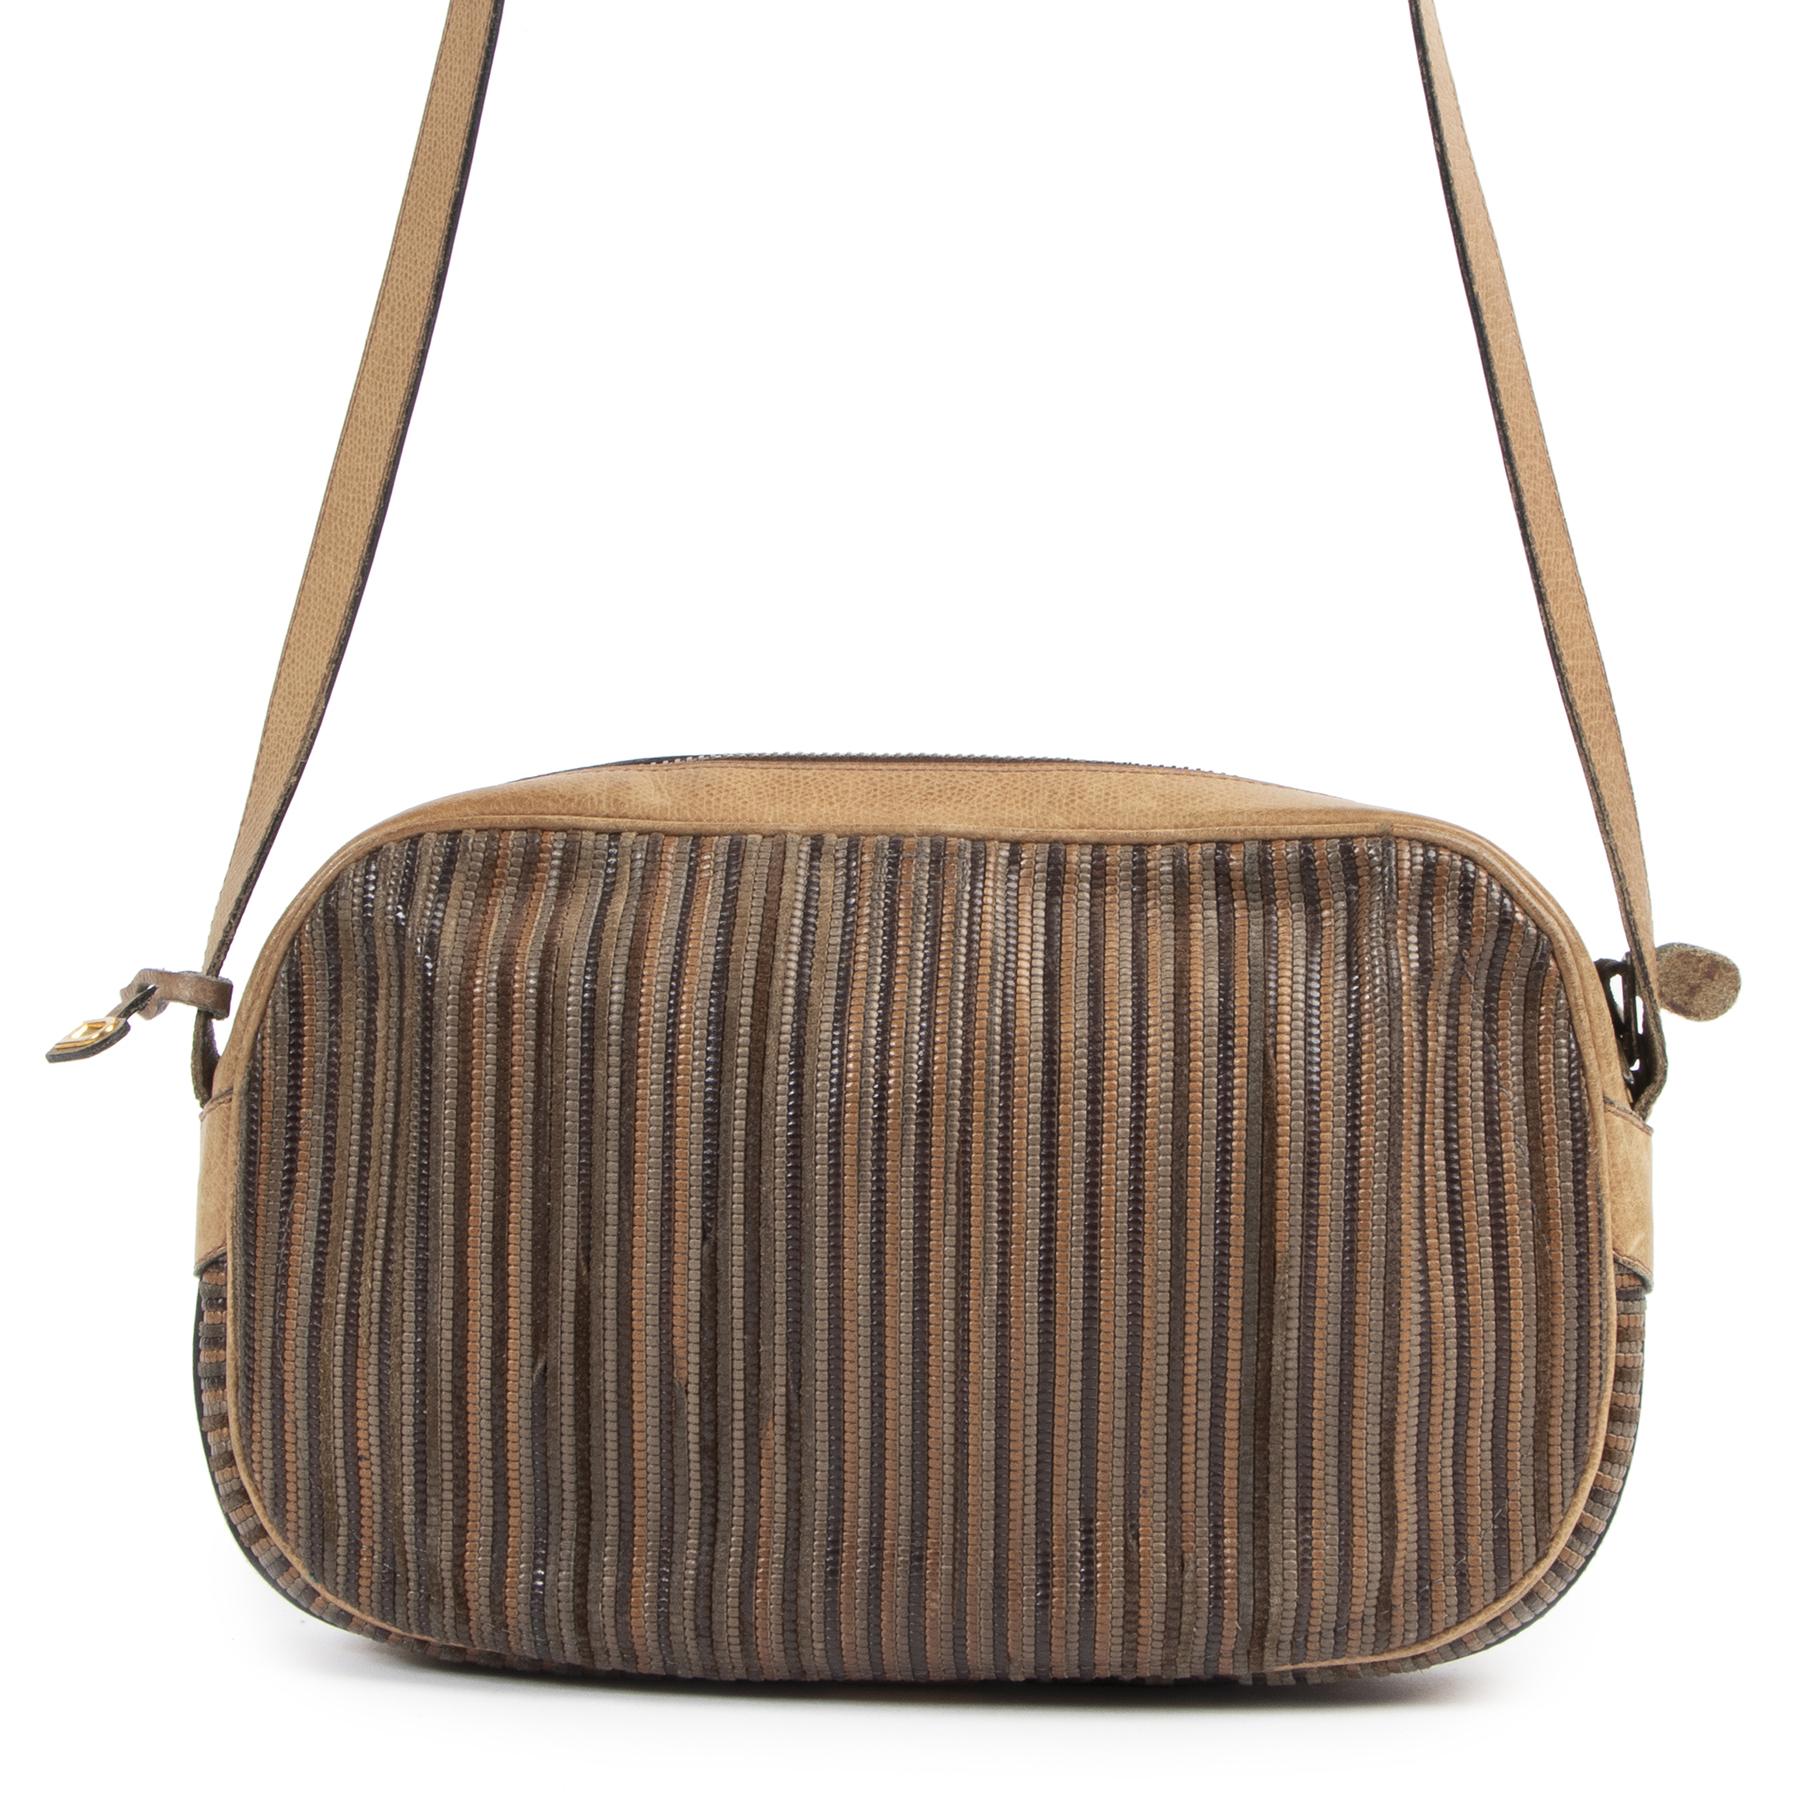 Authentieke Tweedehands Delvaux Cognac Toile de Cuir Leather Crossbody Bag juiste prijs veilig online shoppen luxe merken webshop winkelen Antwerpen België mode fashion